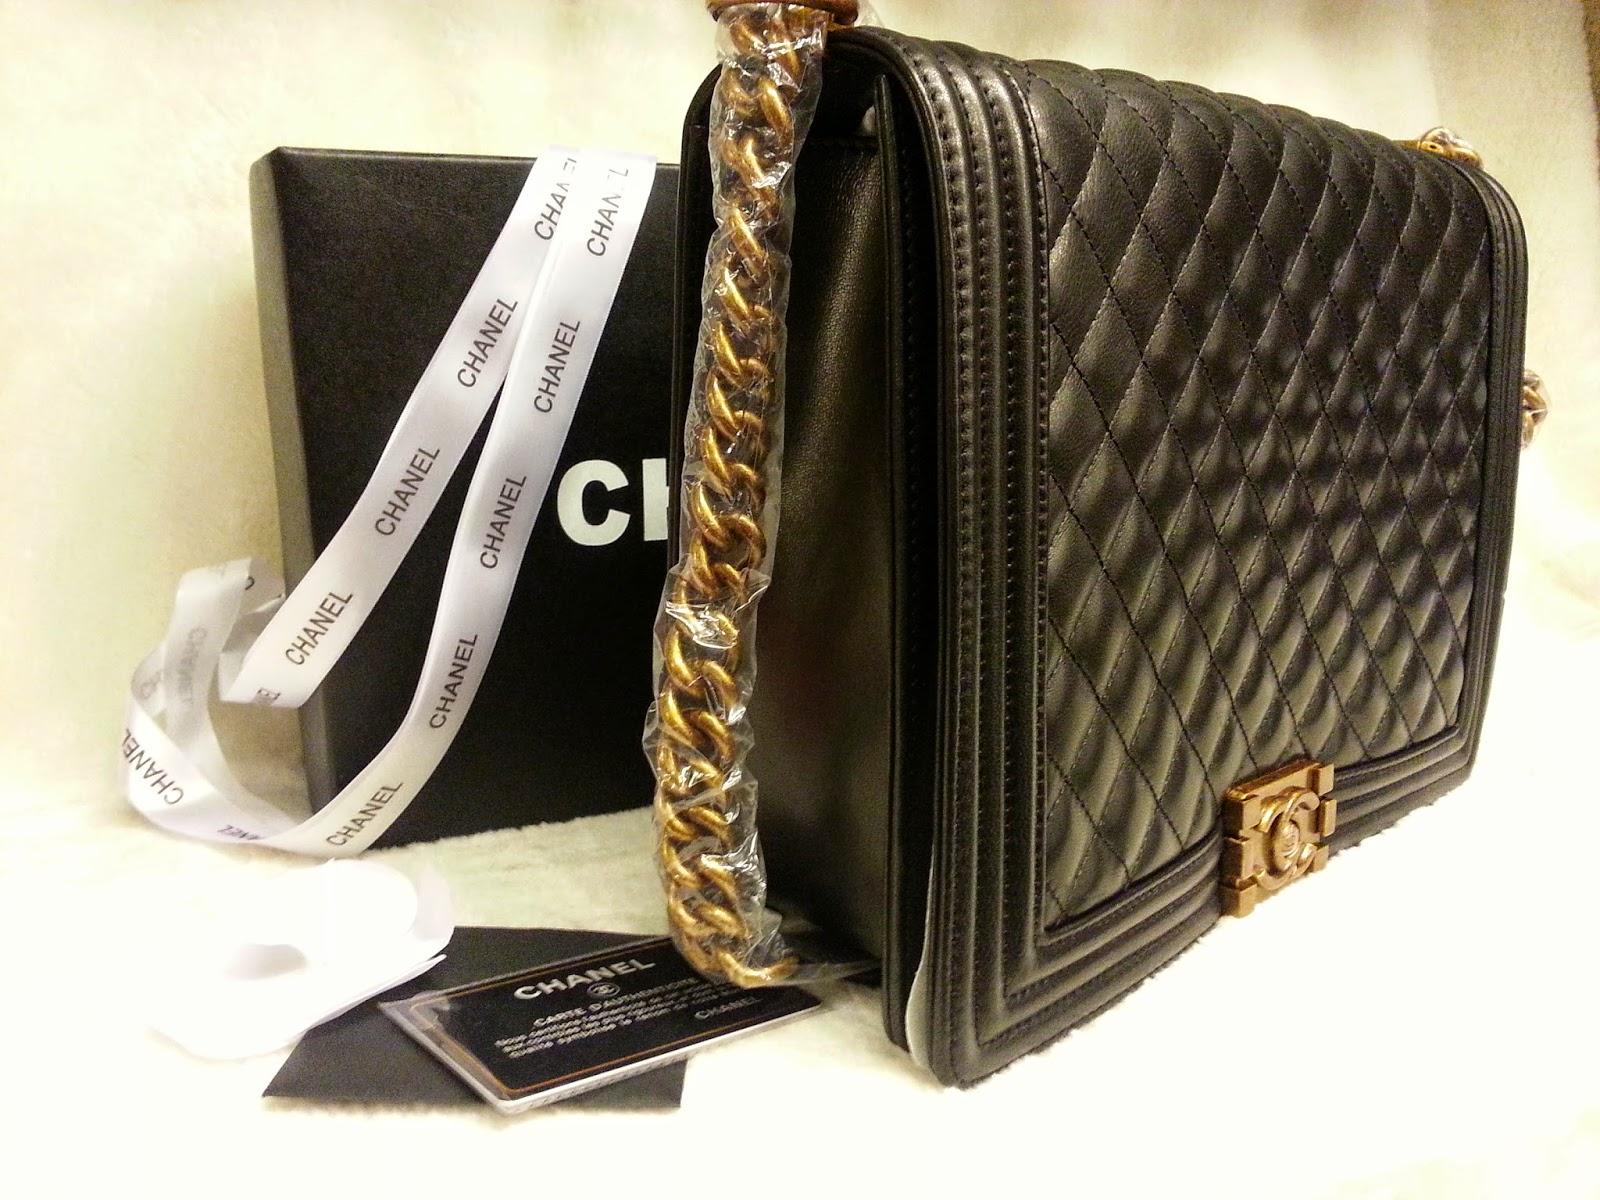 8cc89fb406a9 Deal Treasure: Chanel Boy Flap Bag -Big Size